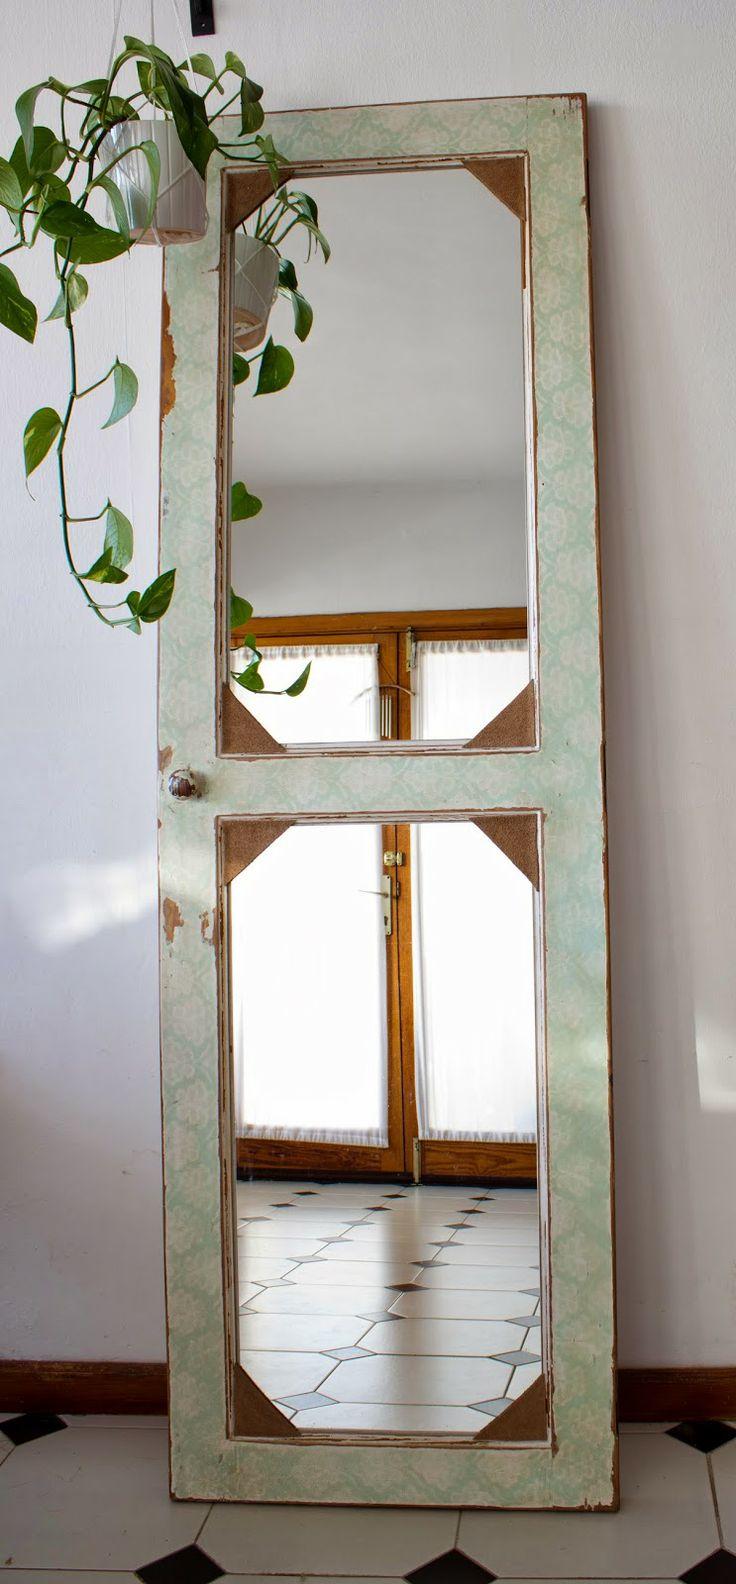 Reciclar reutilizar y reducir c mo convertir puertas for Espejos con puertas viejas